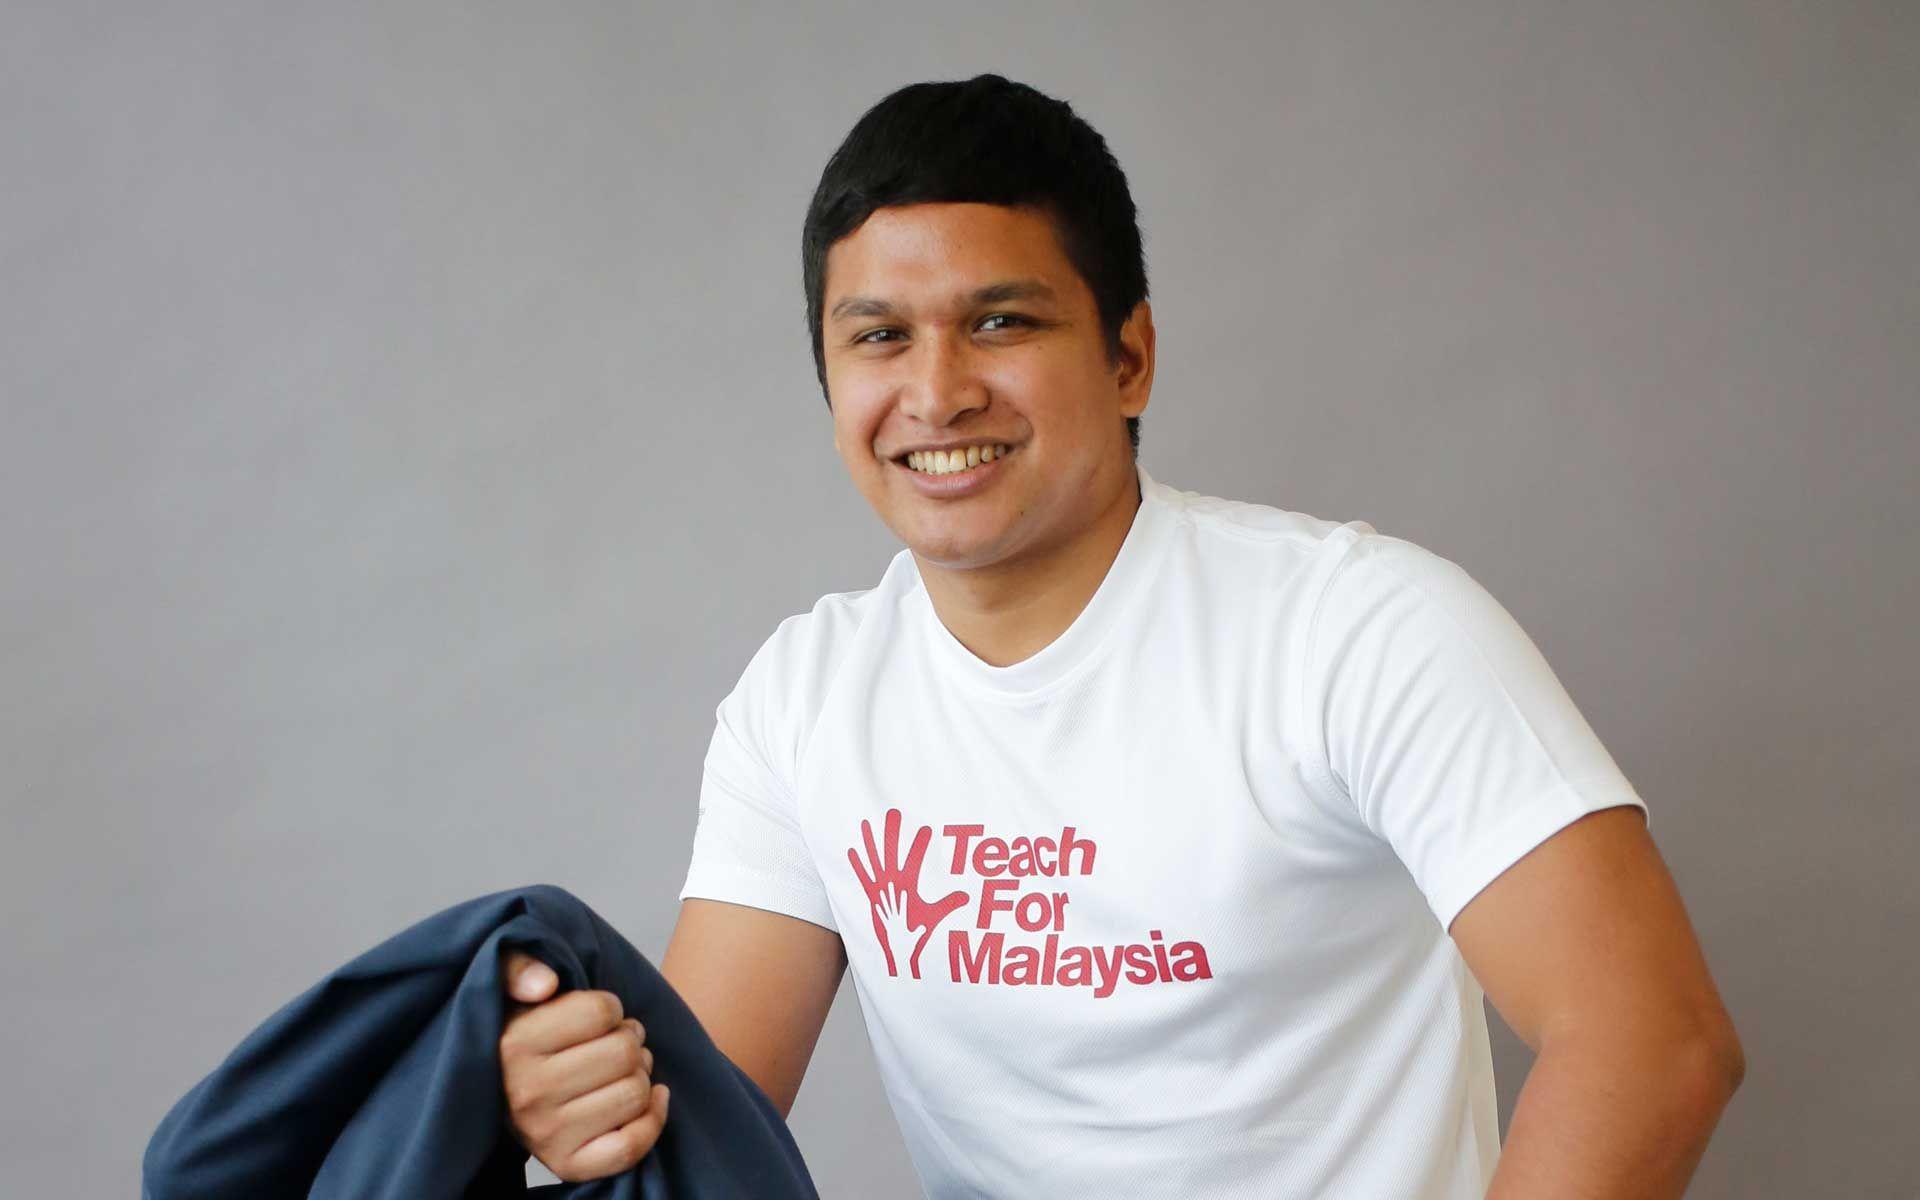 Teach For Malaysia's Dzameer Dzulkifli On Building A Better Nation